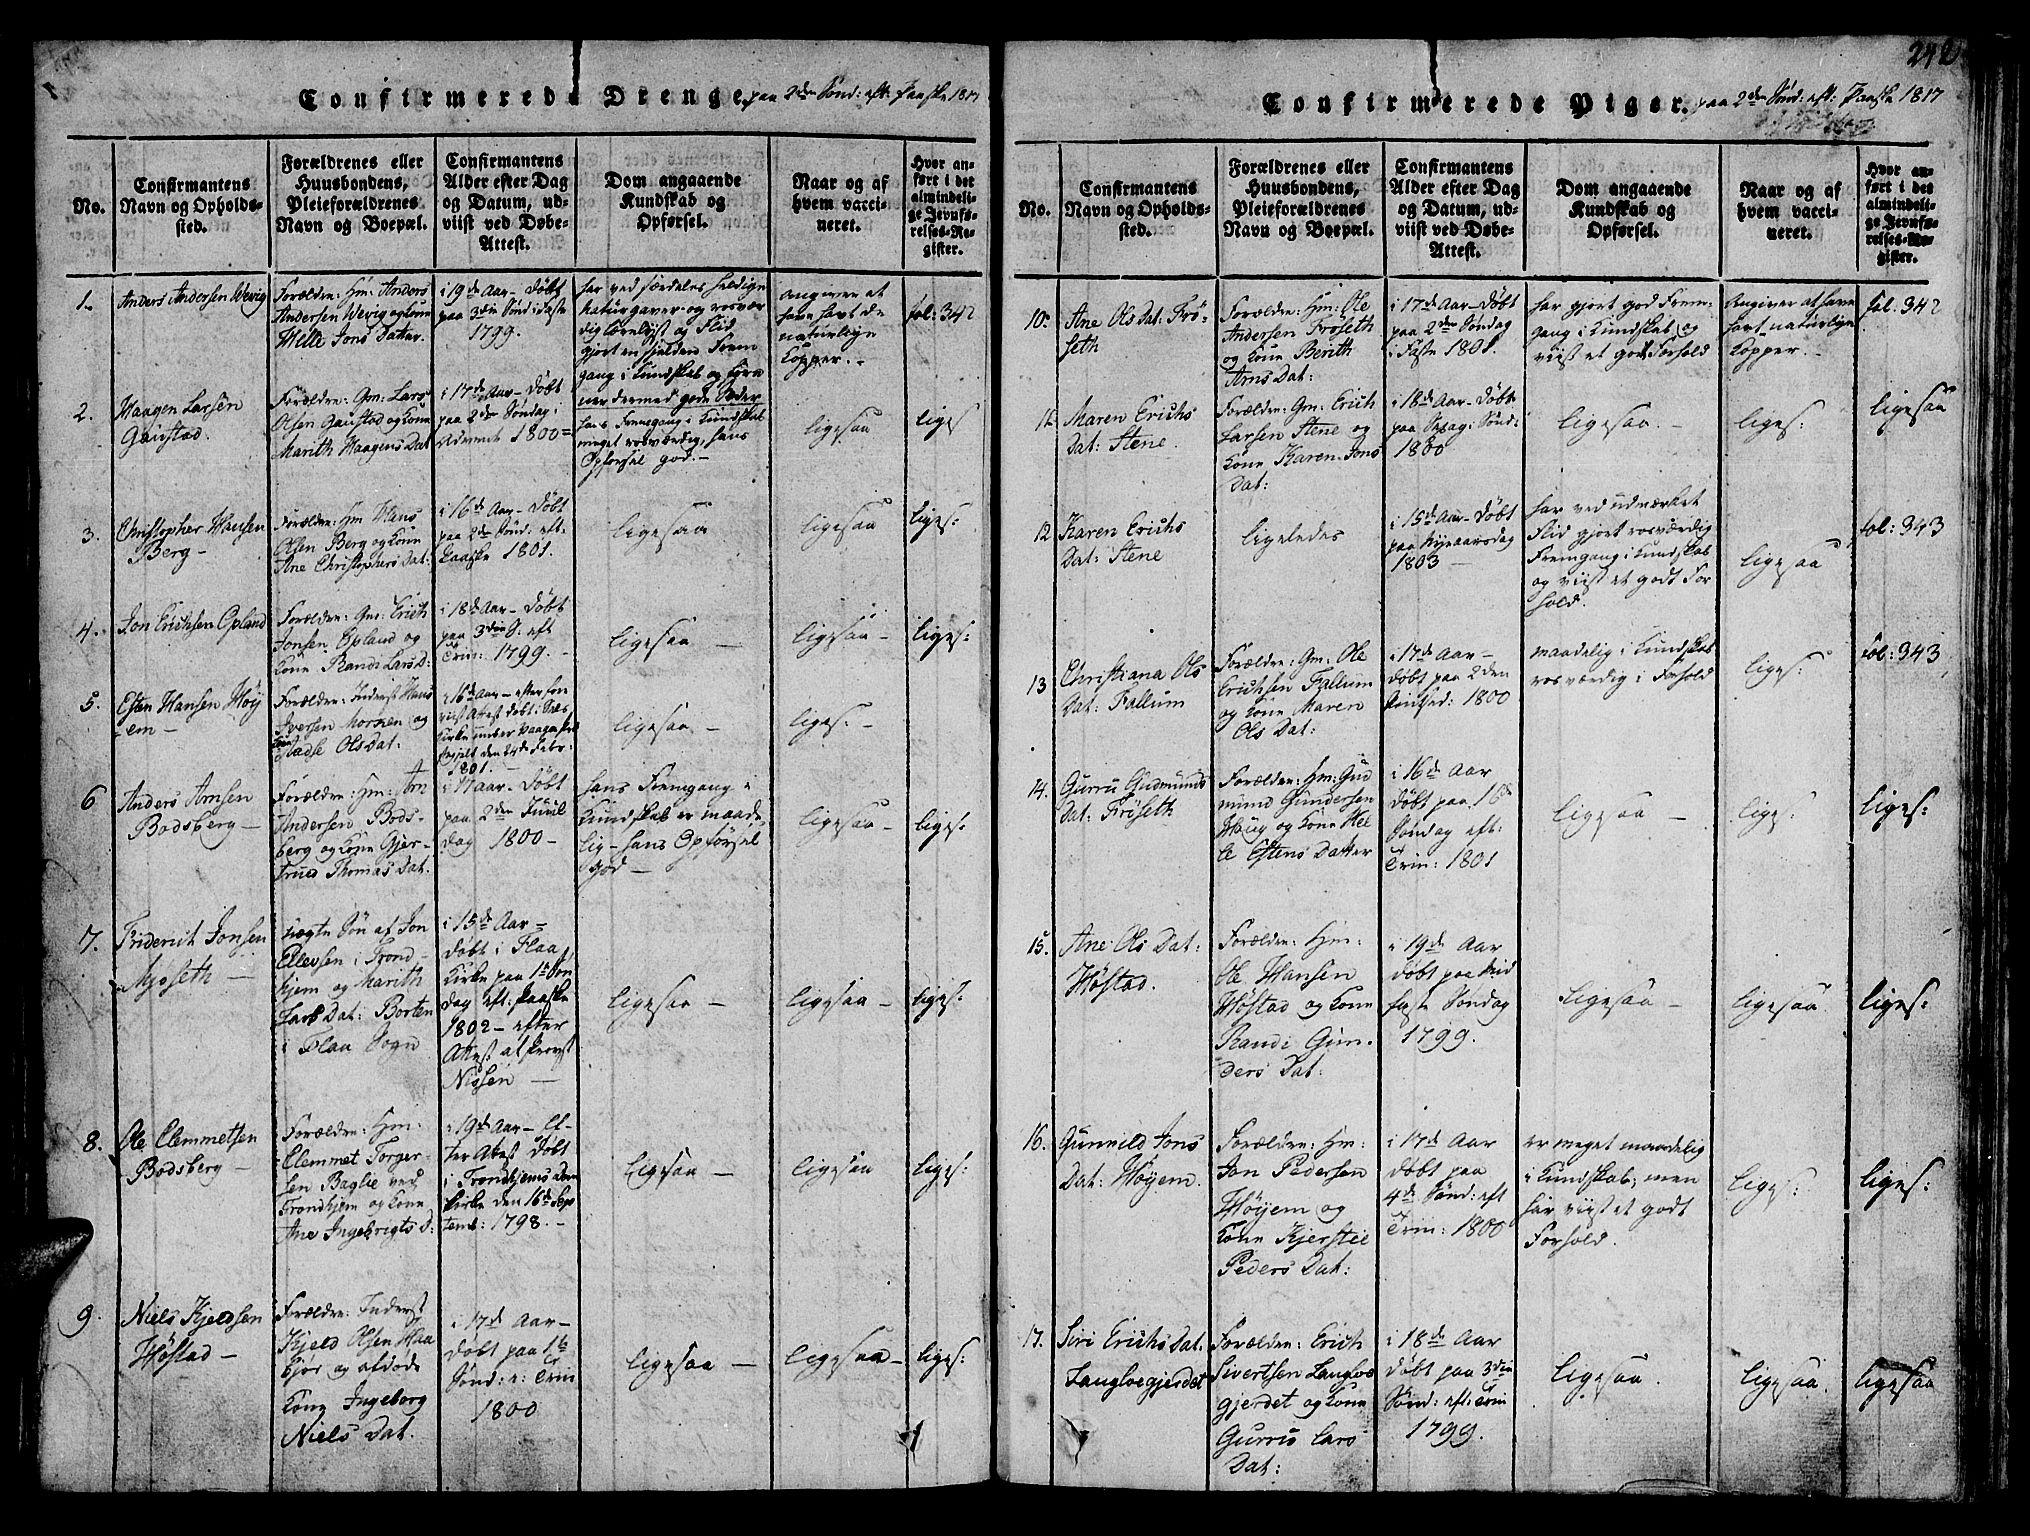 SAT, Ministerialprotokoller, klokkerbøker og fødselsregistre - Sør-Trøndelag, 612/L0372: Ministerialbok nr. 612A06 /1, 1816-1828, s. 242